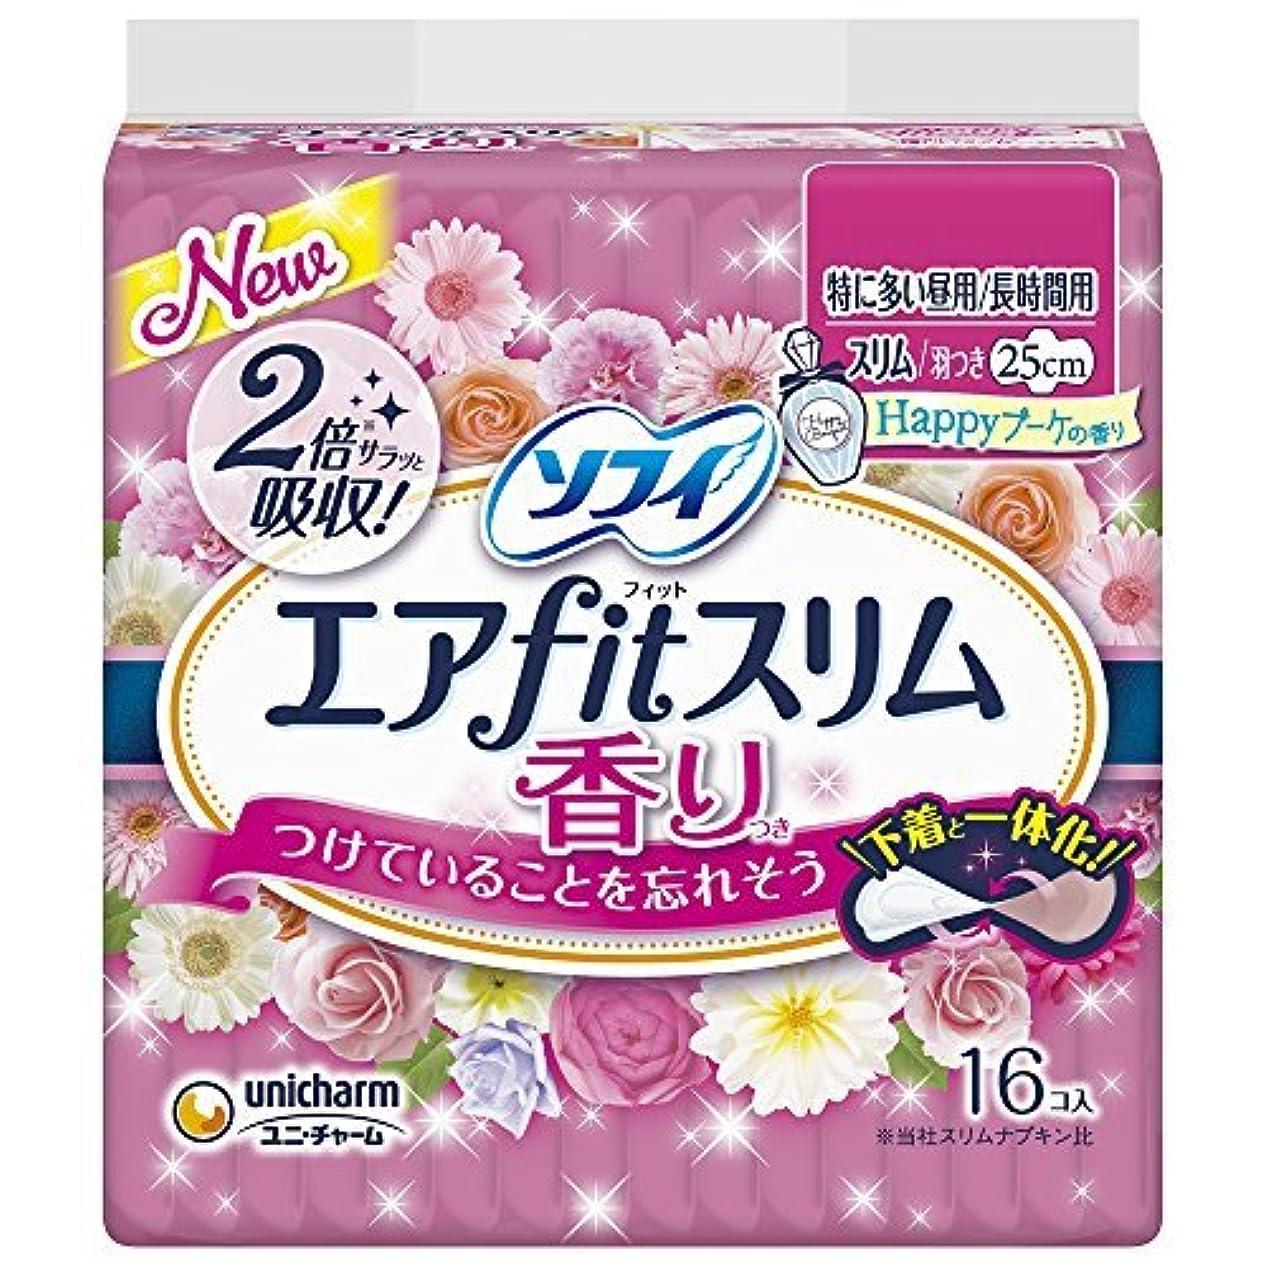 規定小人発見ソフィ エアfitスリム 香り Happyブーケの香り 特に多い昼用-長時間用 25cm 羽つき 16枚 ?おまとめセット【6個】?